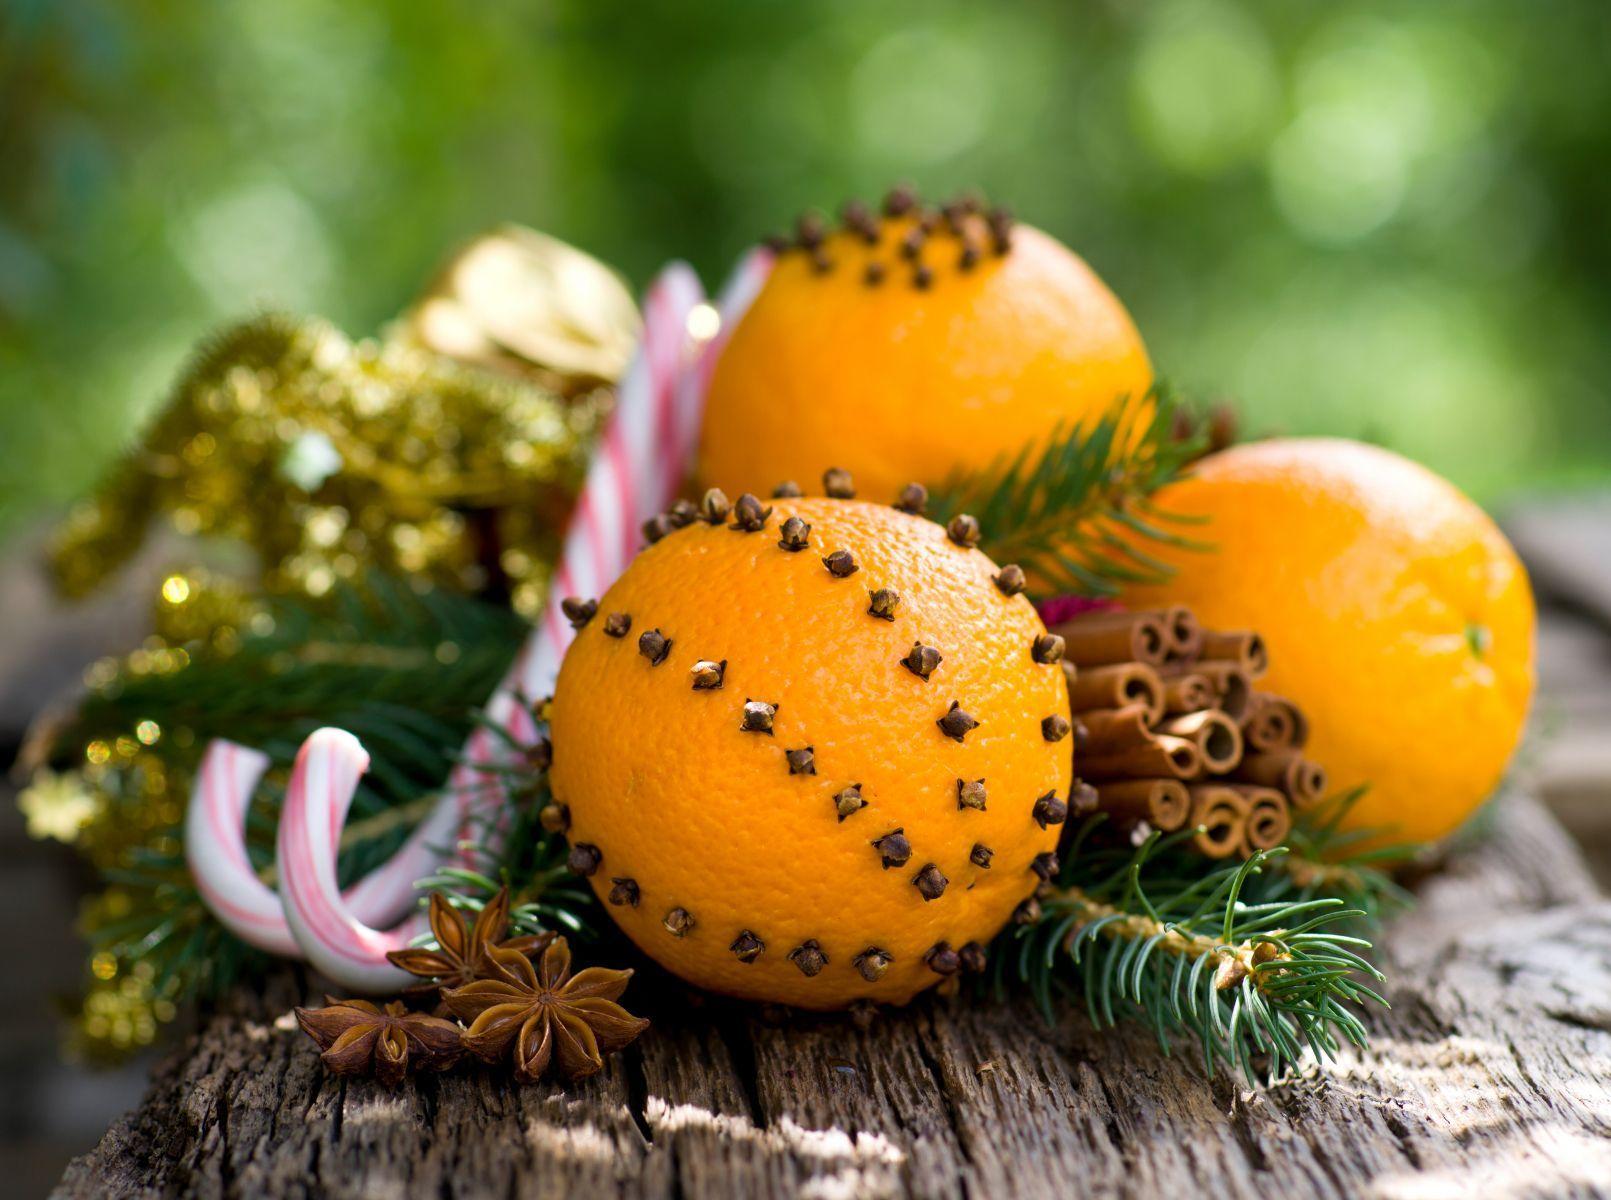 Gewürznelken schön dekoriert auf Orangen